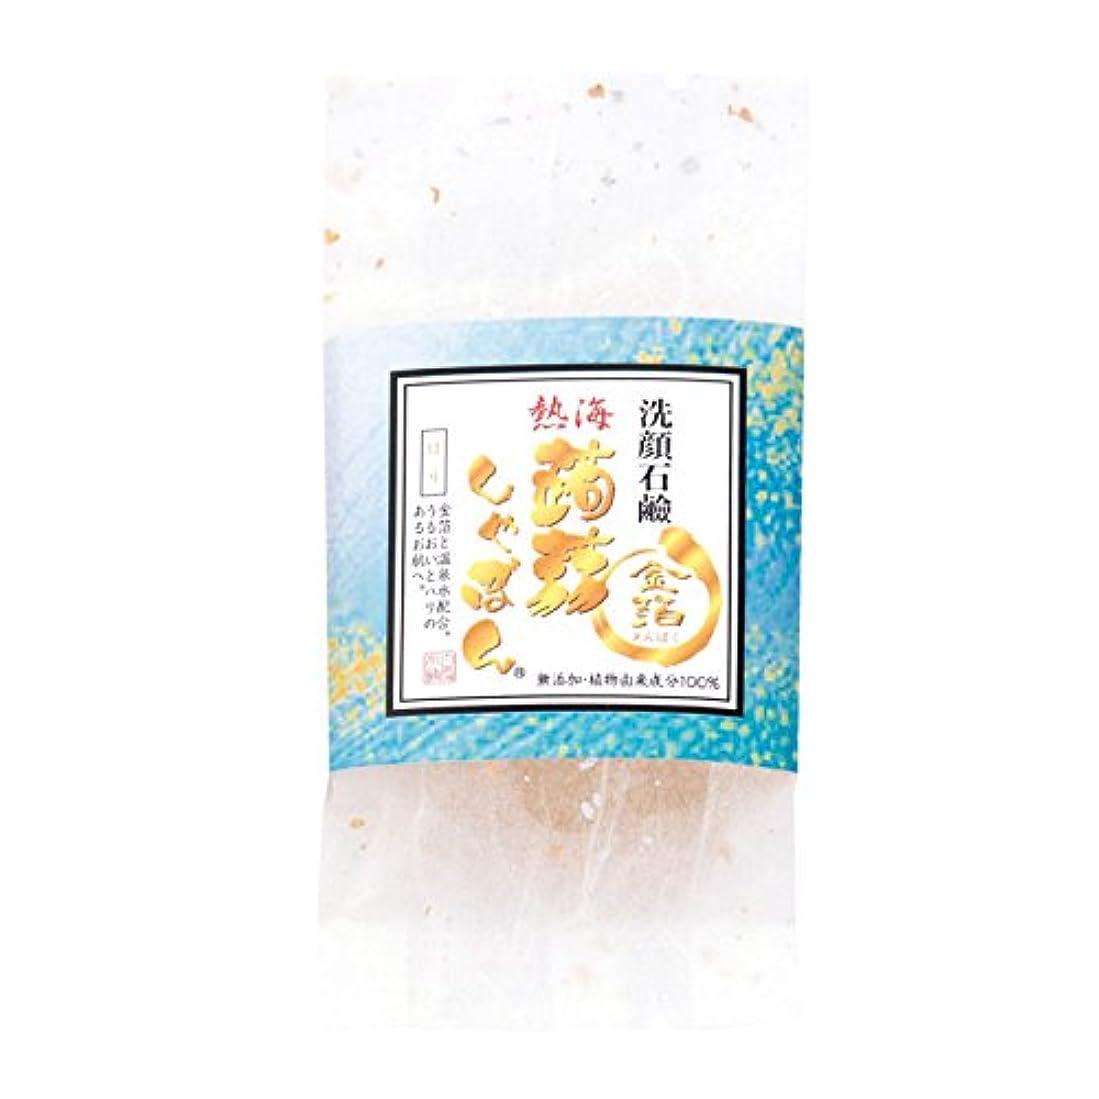 スーパーアレルギー性草熱海蒟蒻しゃぼん熱海 金箔&温泉水(きんぱく&おんせんすい)